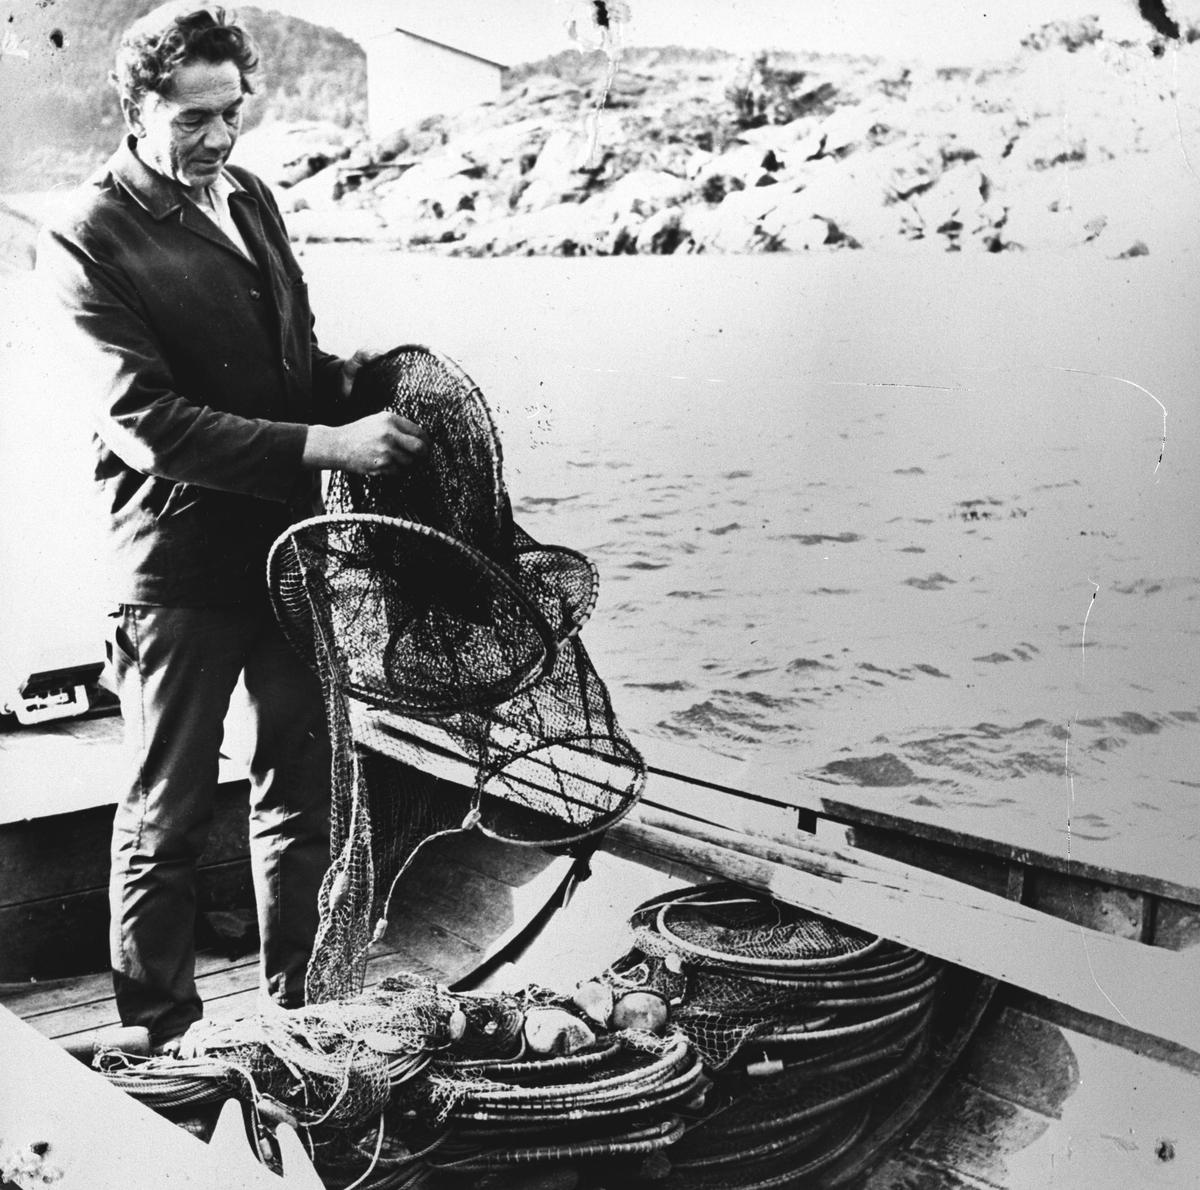 Mann ombord i båt, ordner med åleruser.